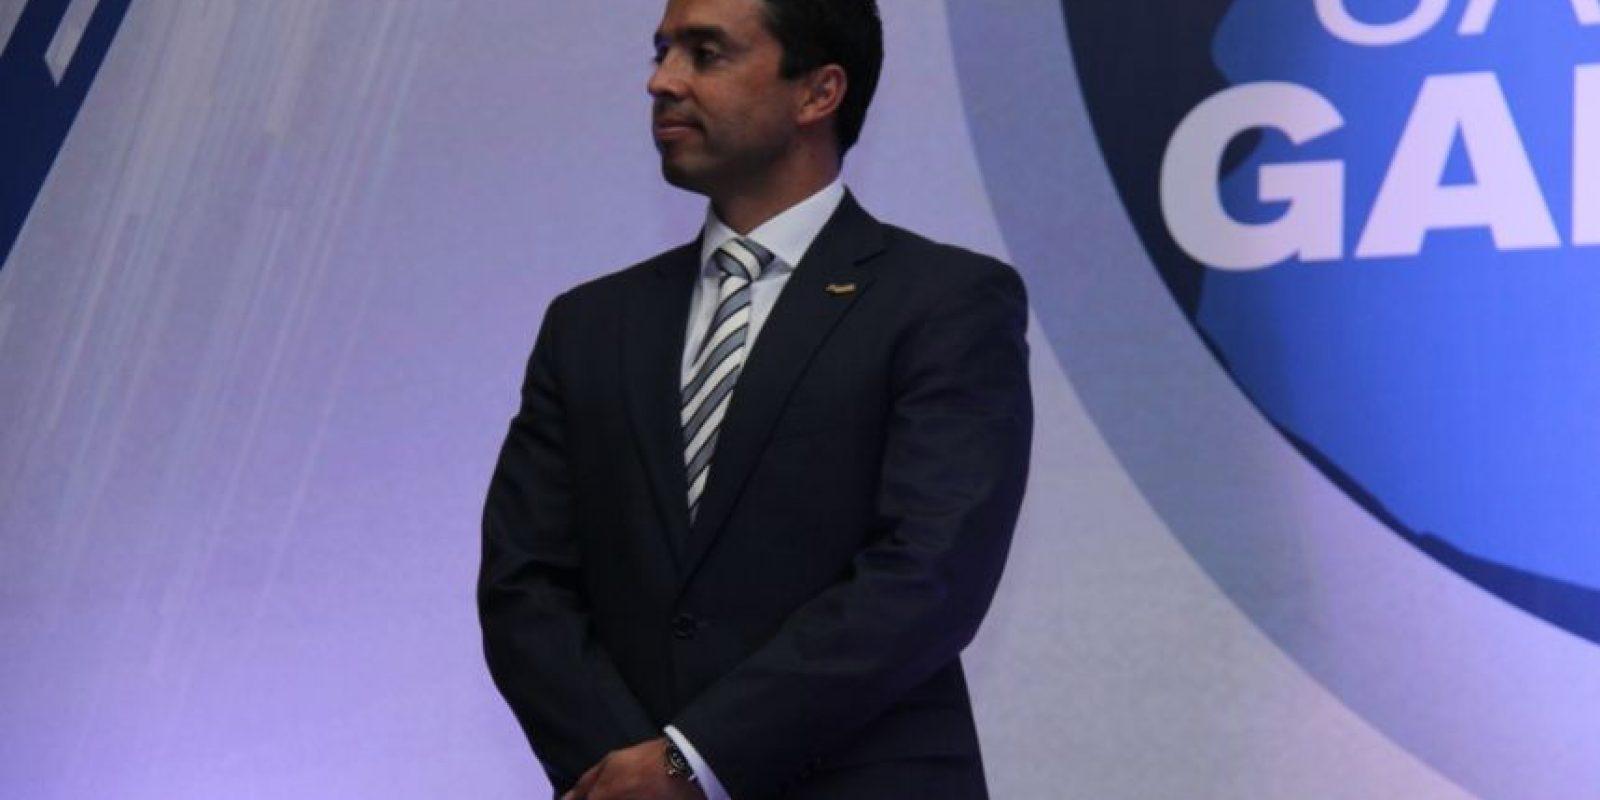 Martín Machón dejó la dirección de la DIGEF para ocuparse de CONADER. Foto:Prensa Digef